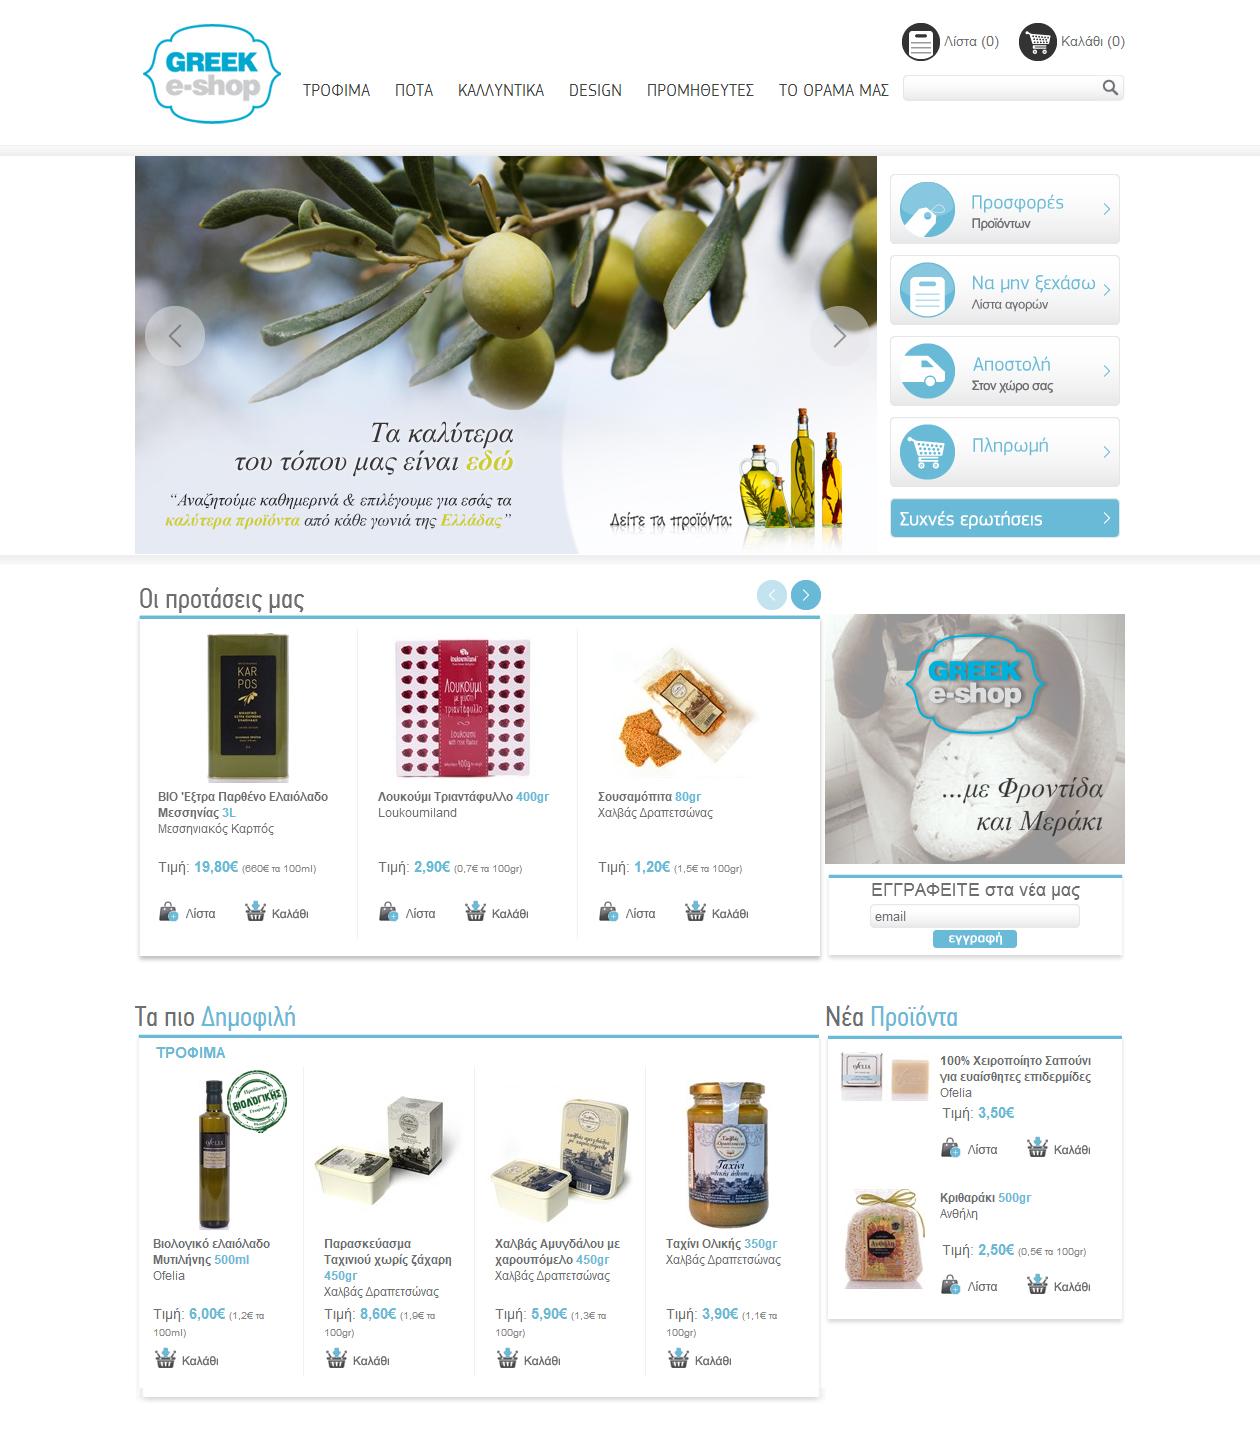 Pet shop Όλα για το σπίτι Βιολογική Φέτα Greek Family Farm; Γάλα Πλήρες & Ελαφρύ Βιολογικής Γεωργίας Granarolo (1lt) Airwick VIPoo σε προσφορά Gold βραβείο στο smashingprogrammsrj.tk για τον βέλτιστο Online grocery retailer.